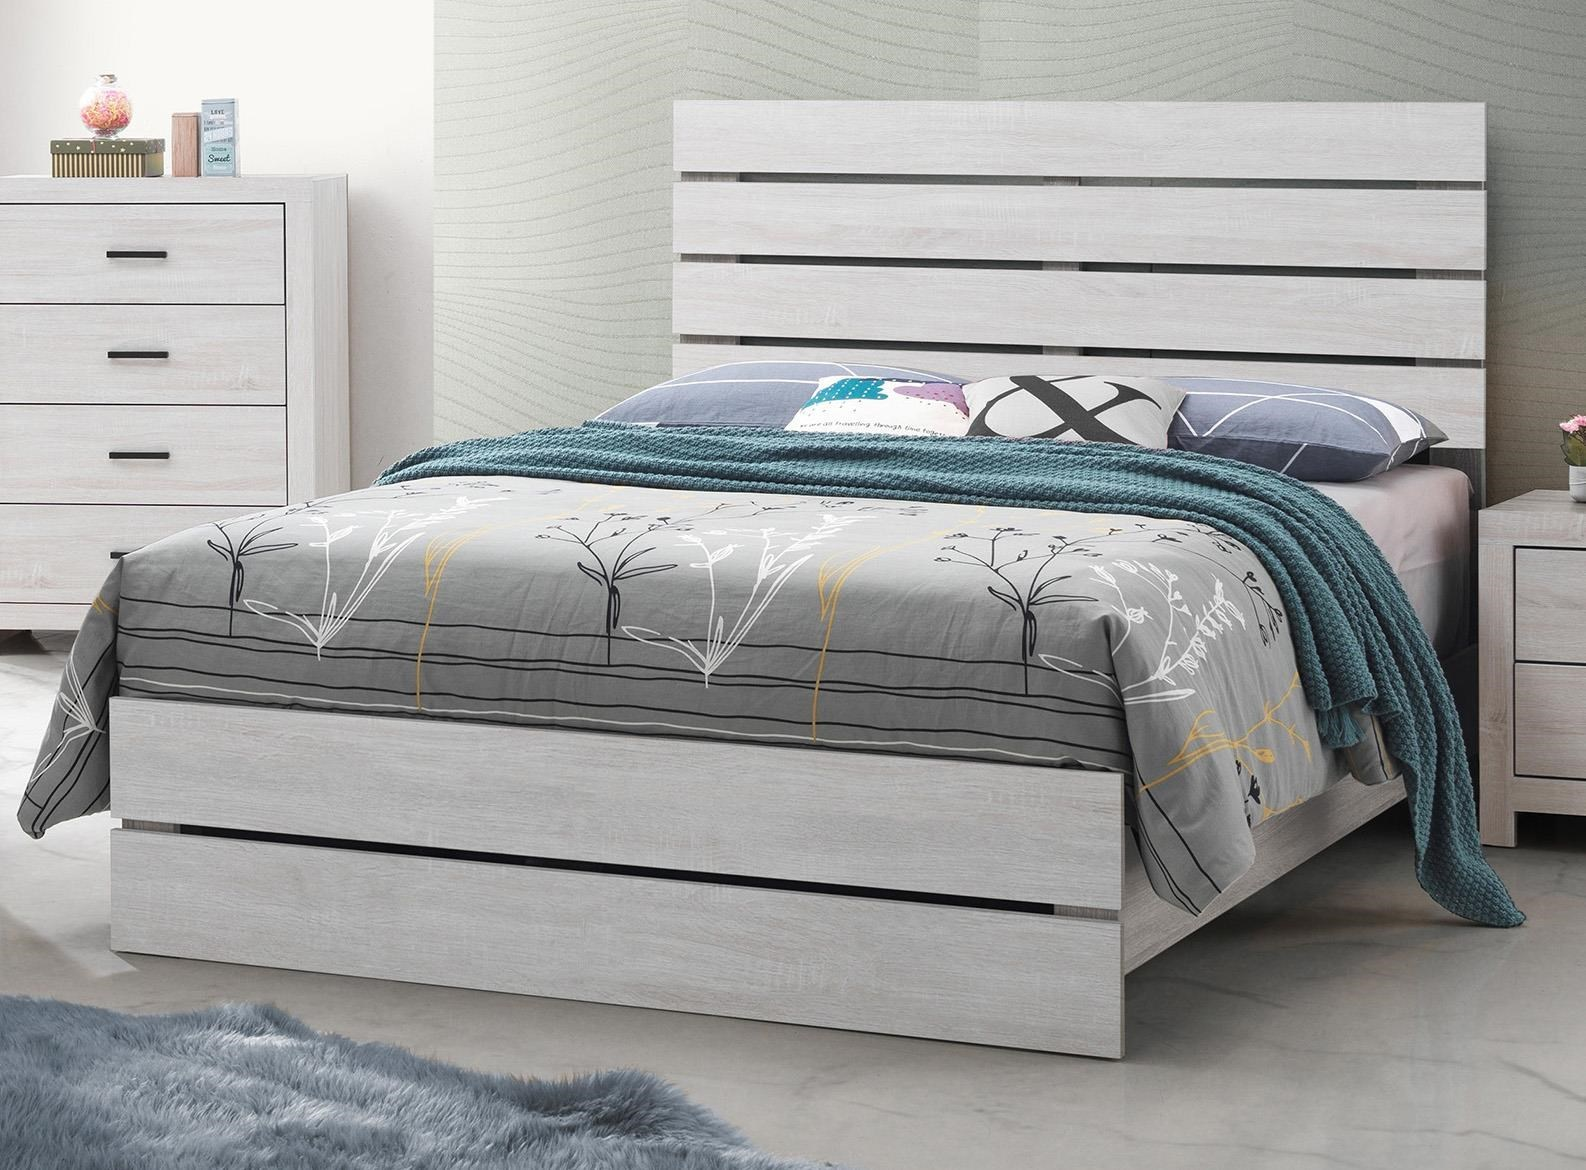 Coaster Coastal 207051f White Full Size Platform Bed Sam Levitz Furniture Platform Beds Low Profile Beds